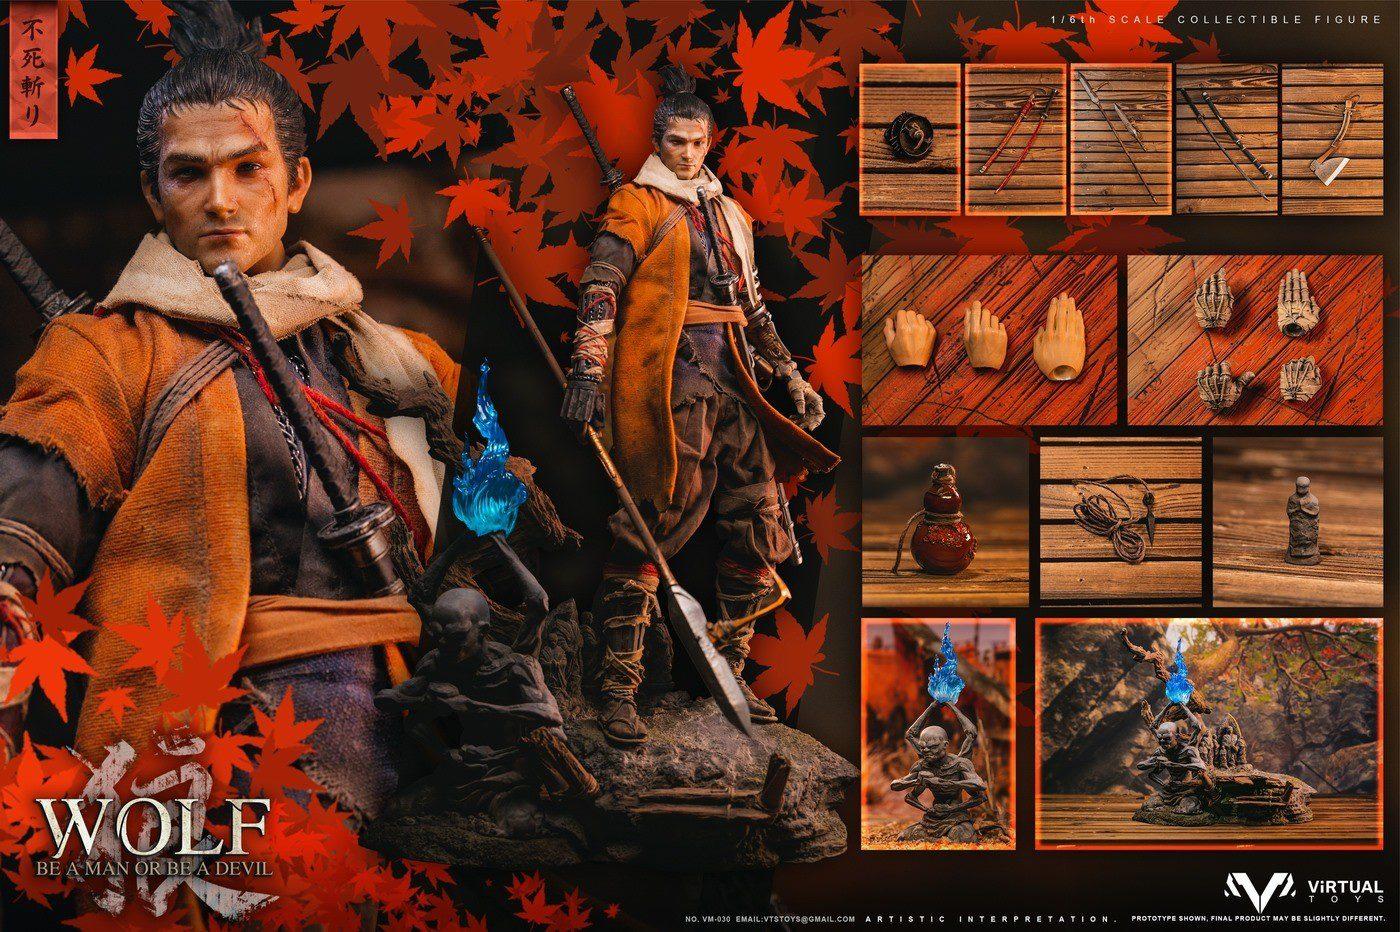 SEKIRO - THE WOLF OF ASHINA DX